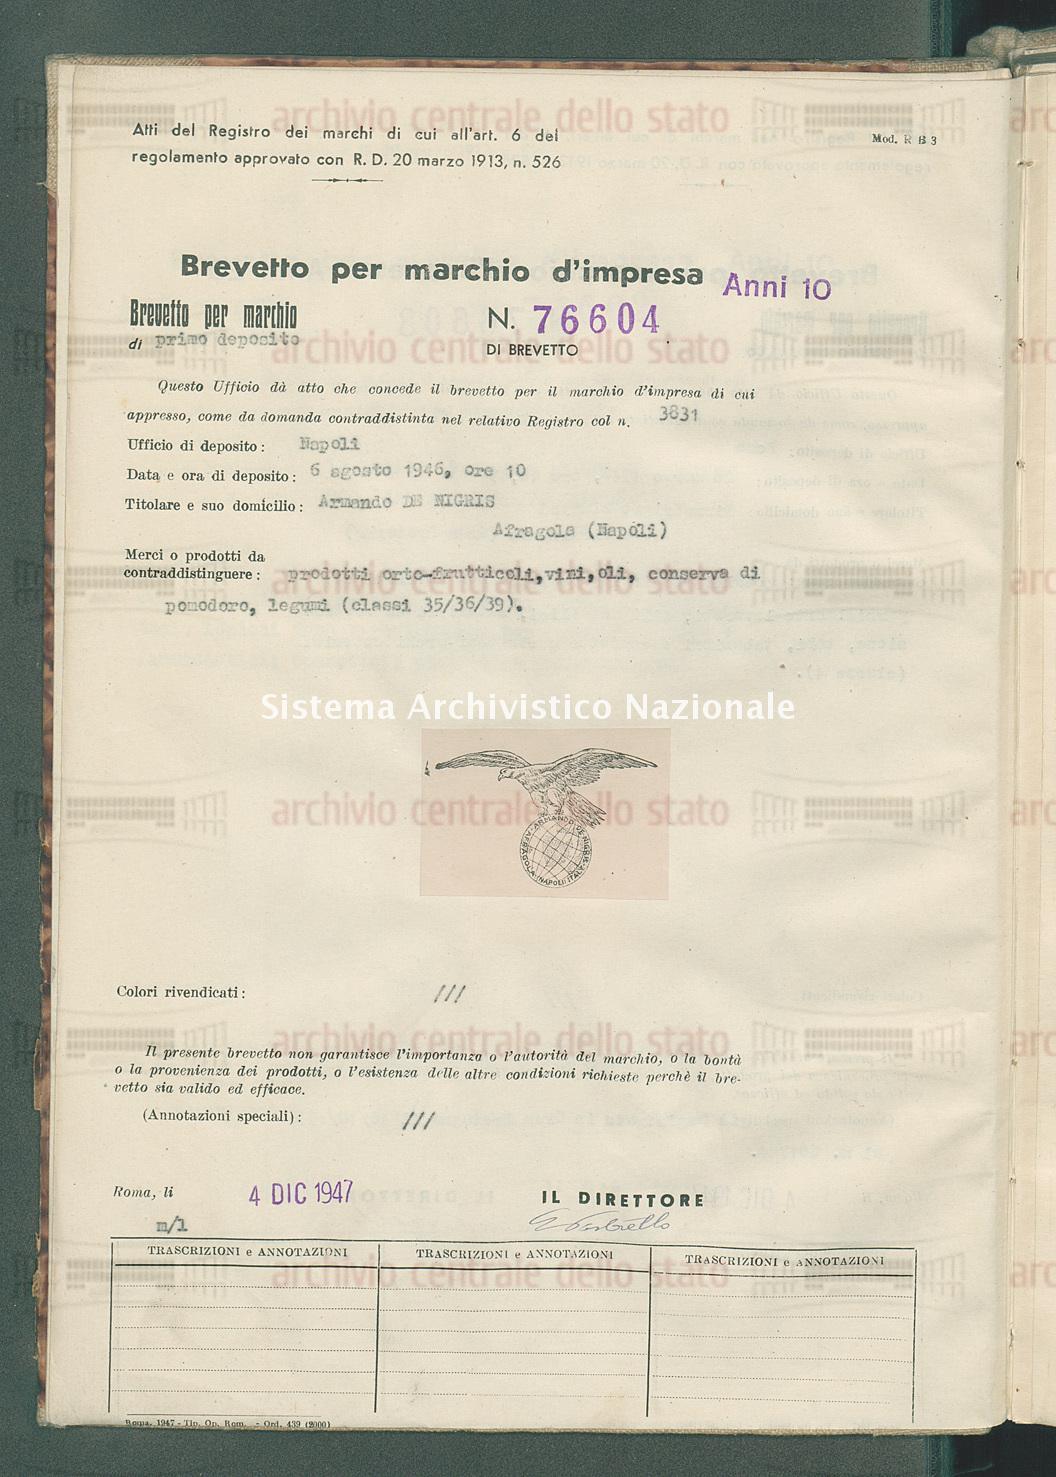 Prodotti orto-frutticoli, vini, oli, ecc. Armando De Migris (04/12/1947)